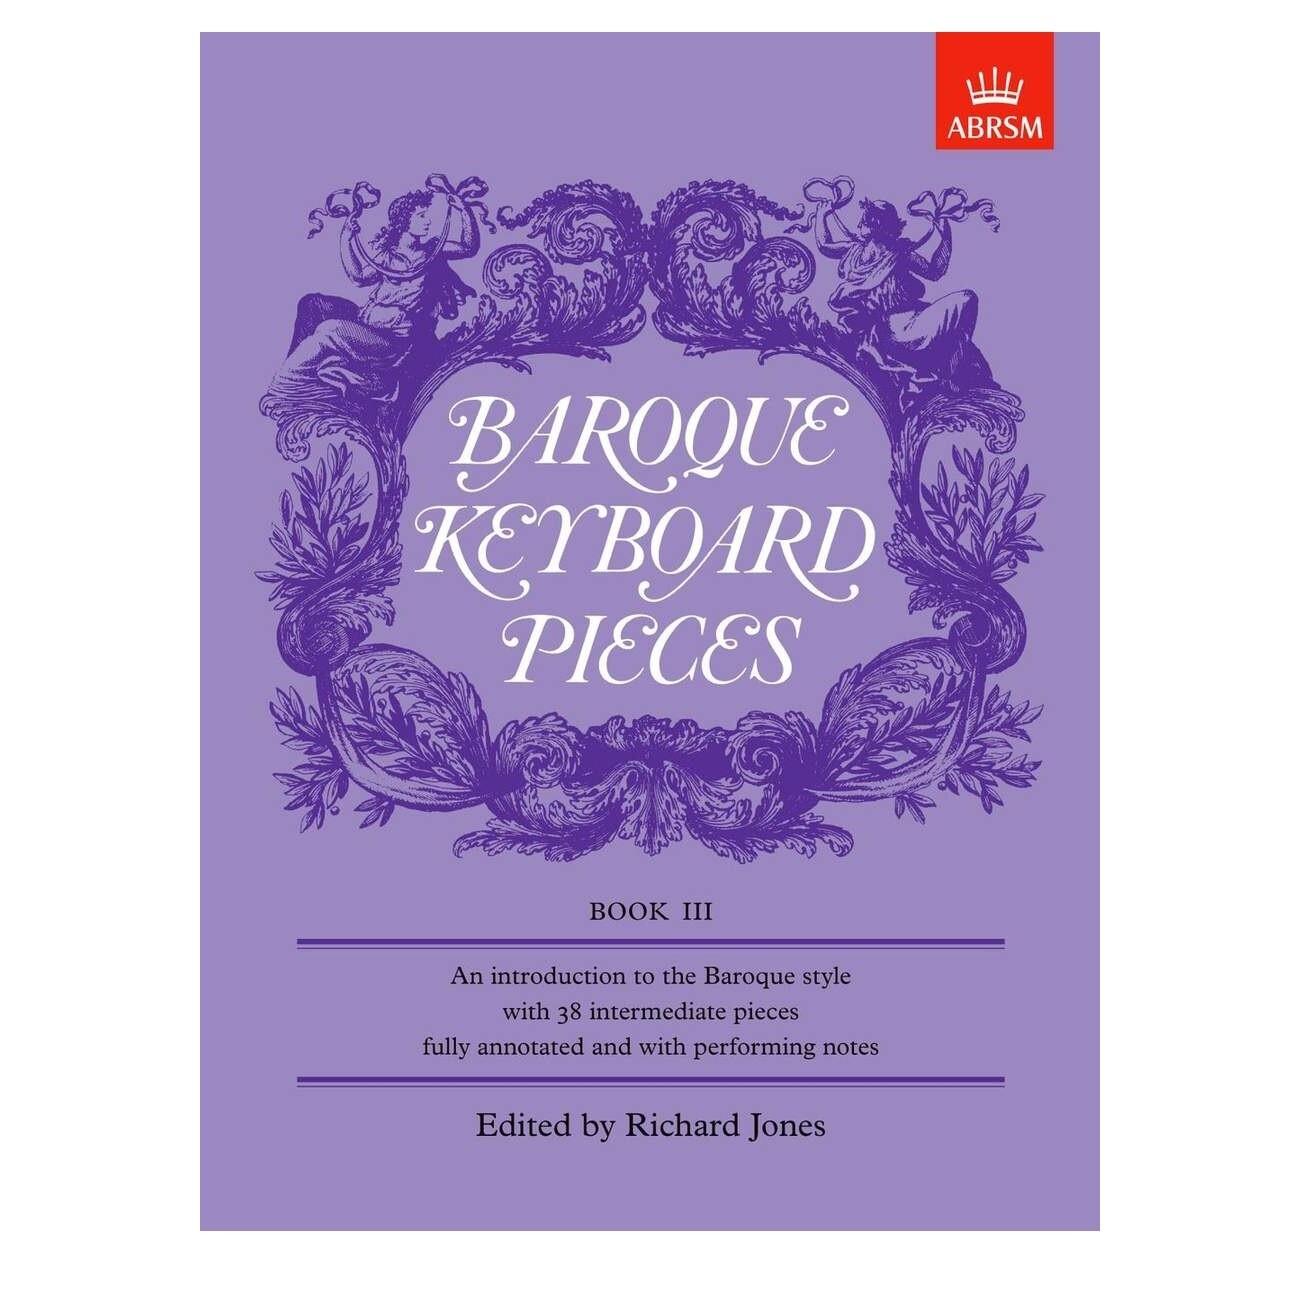 Baroque Keyboard Pieces, Book III